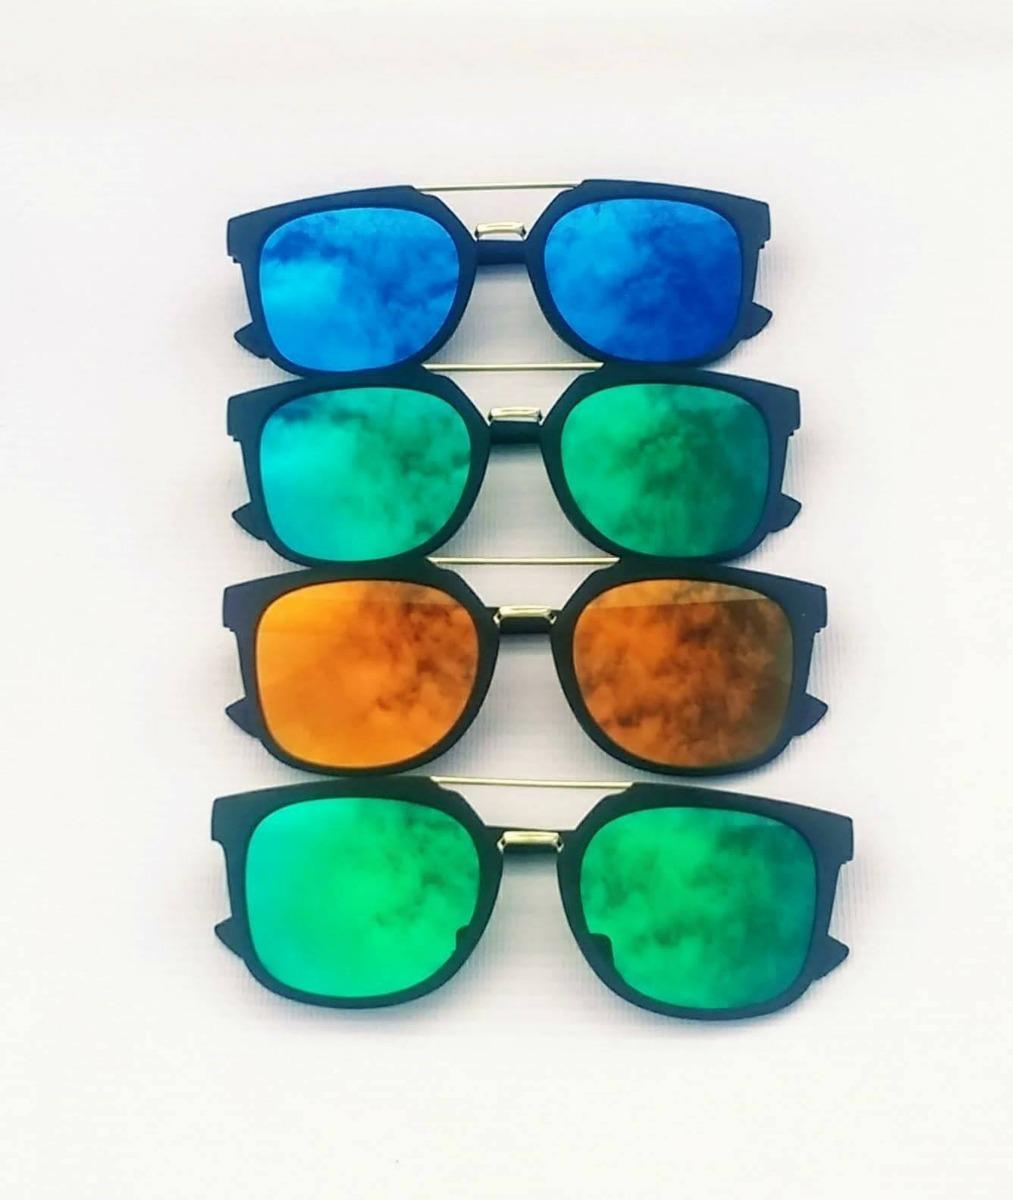 7c11b6203b gafas de sol lentes espejo filtro uv400 + estuche antigolpes. Cargando zoom.